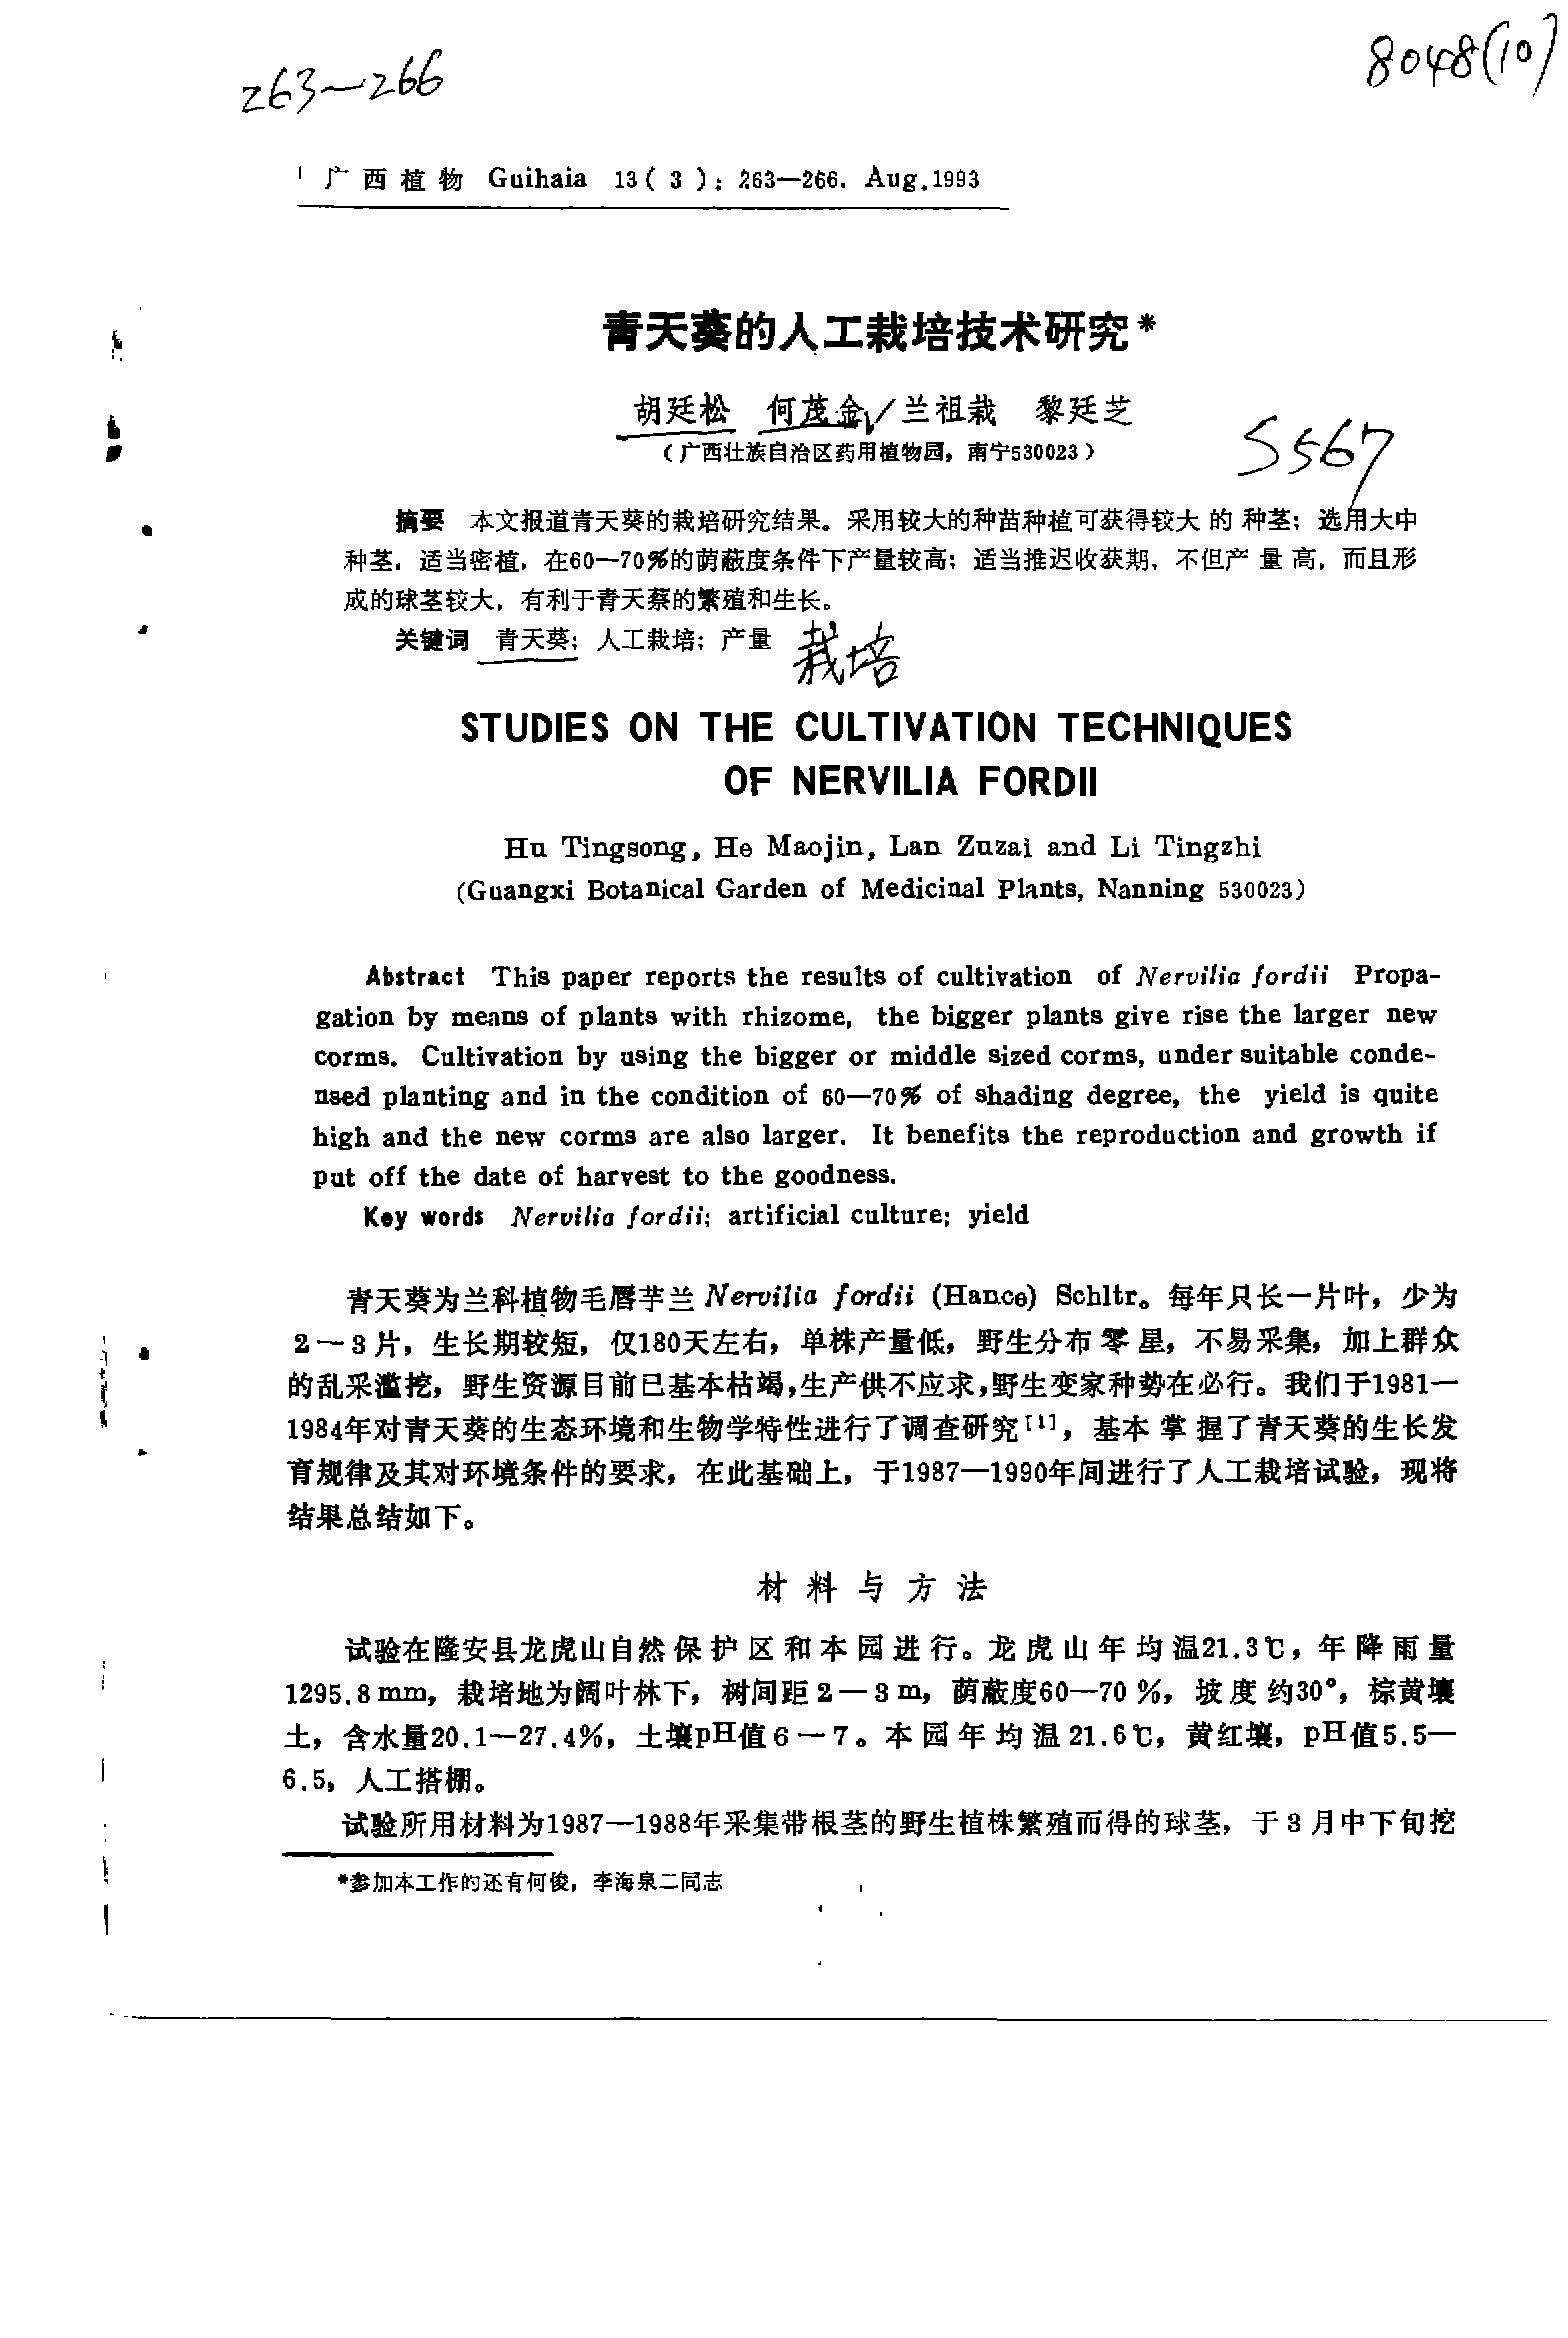 青天葵的人工栽培技术研究